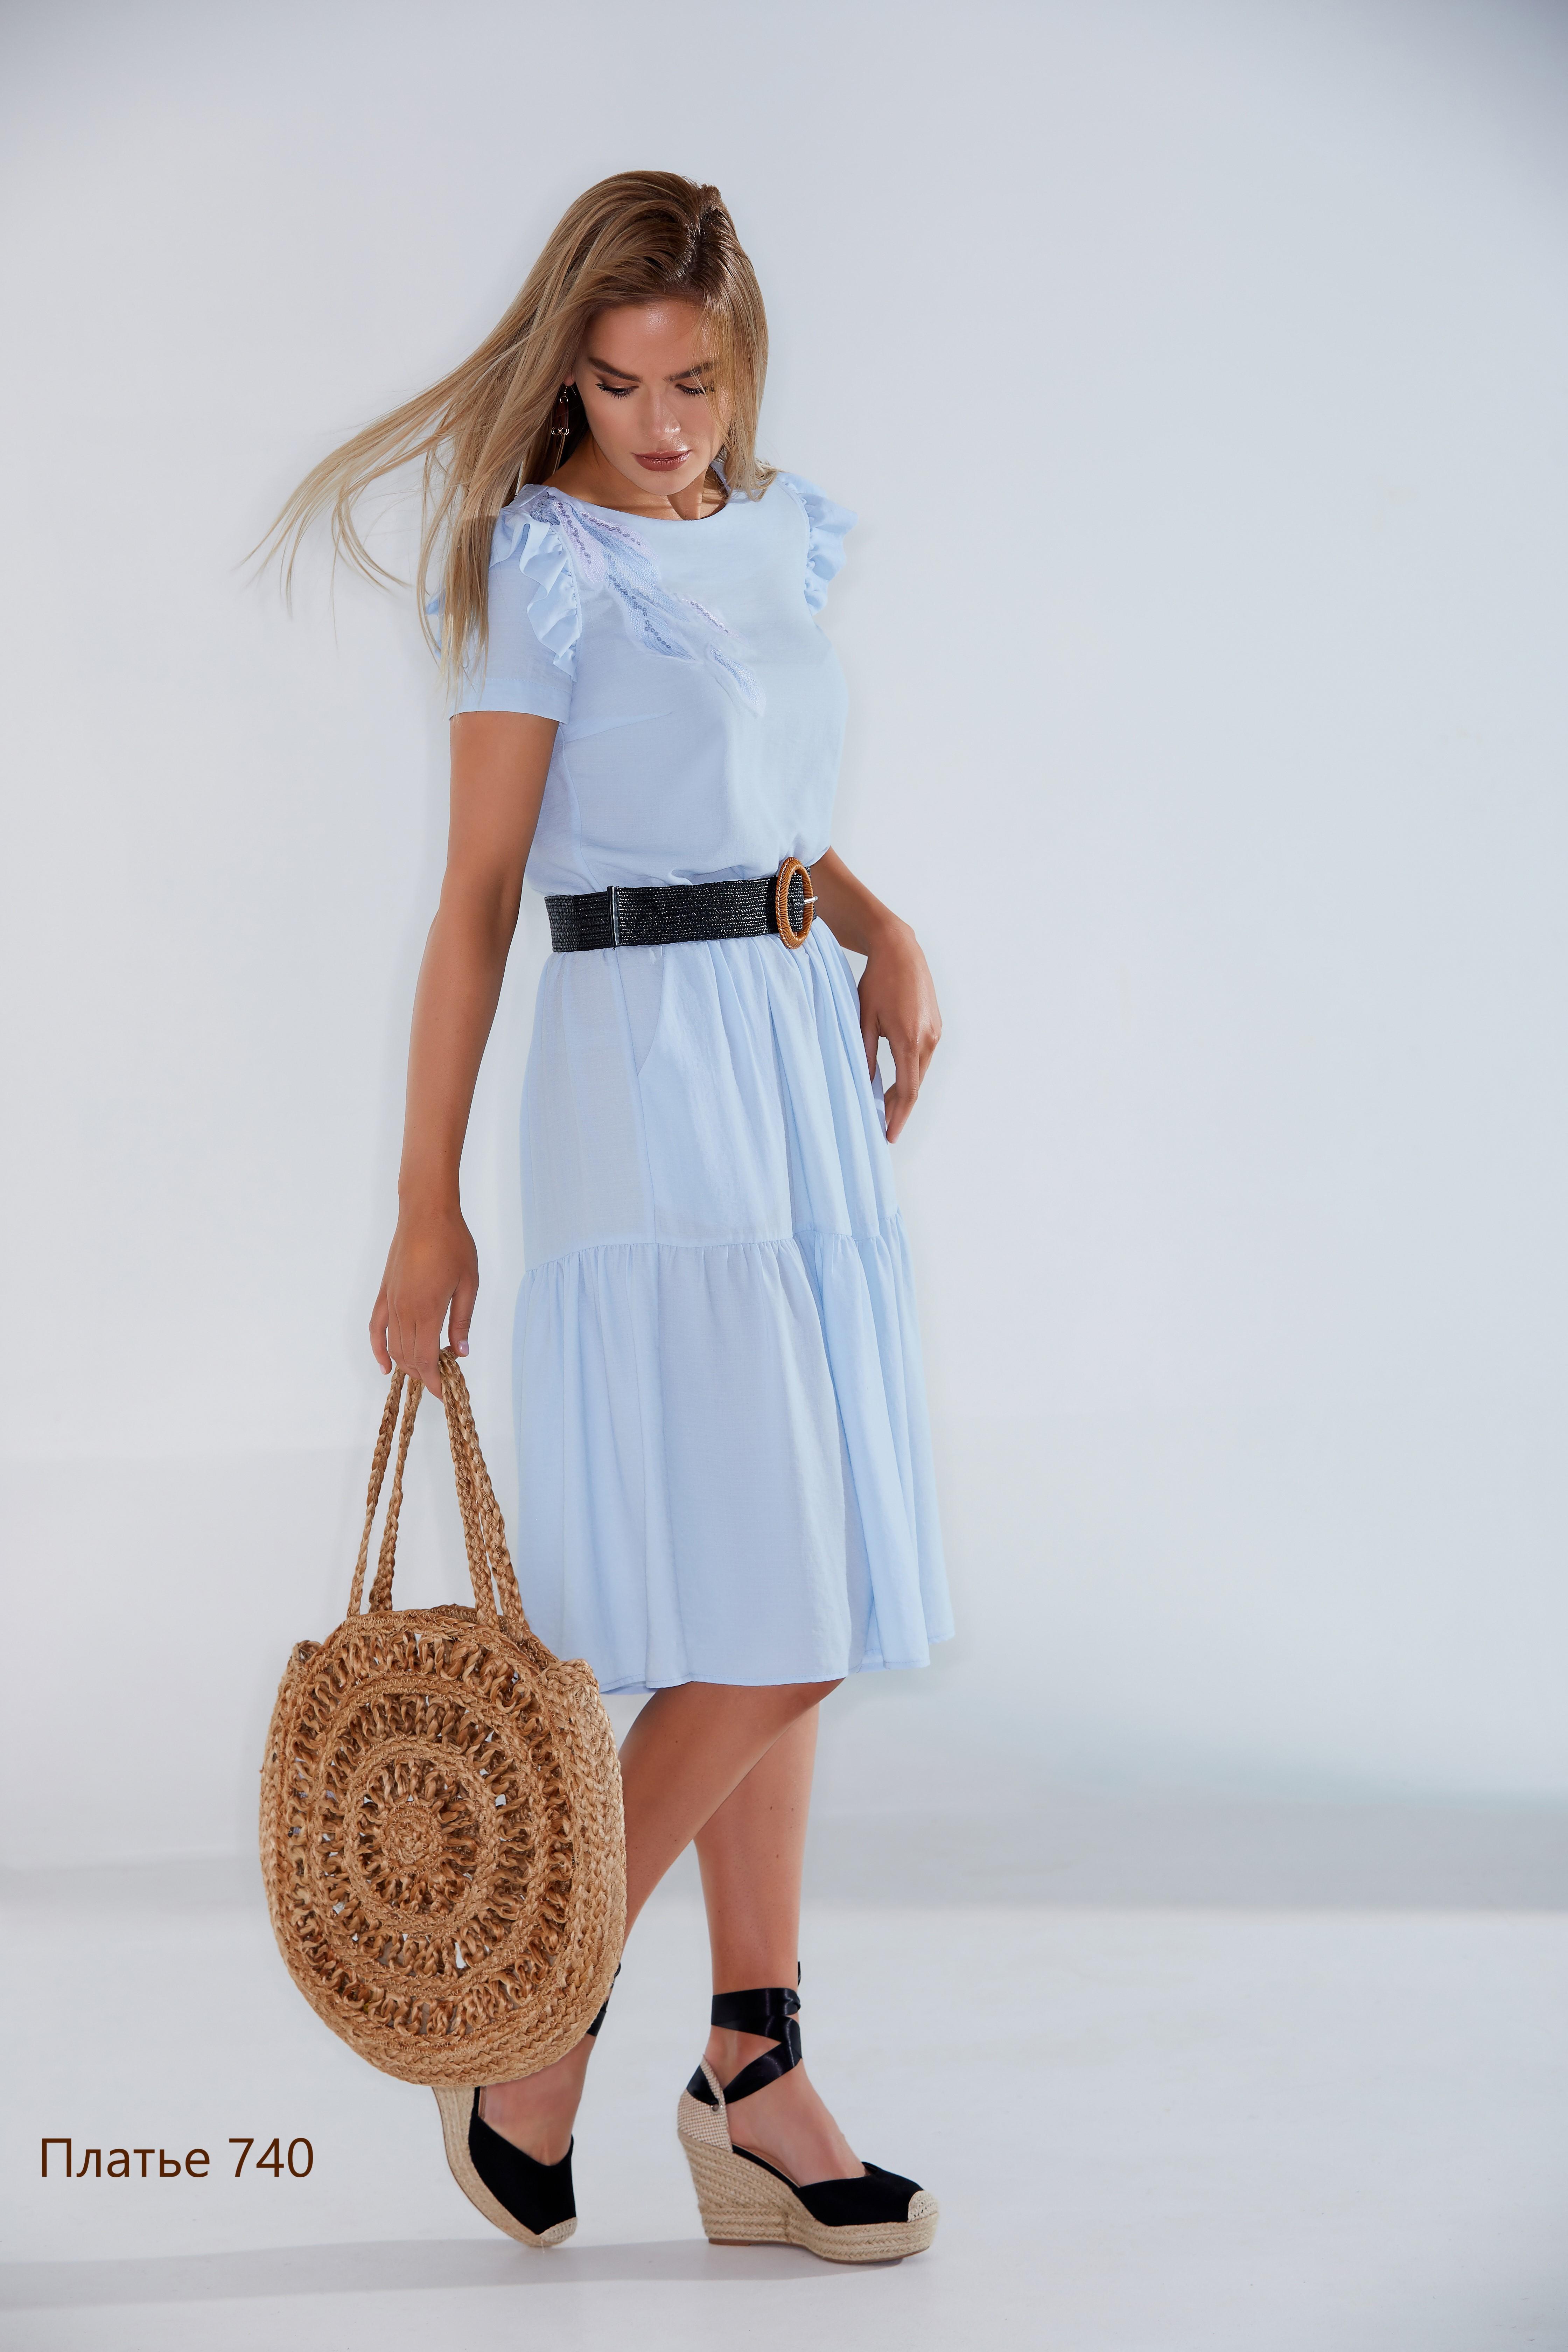 Платье 740 (2)